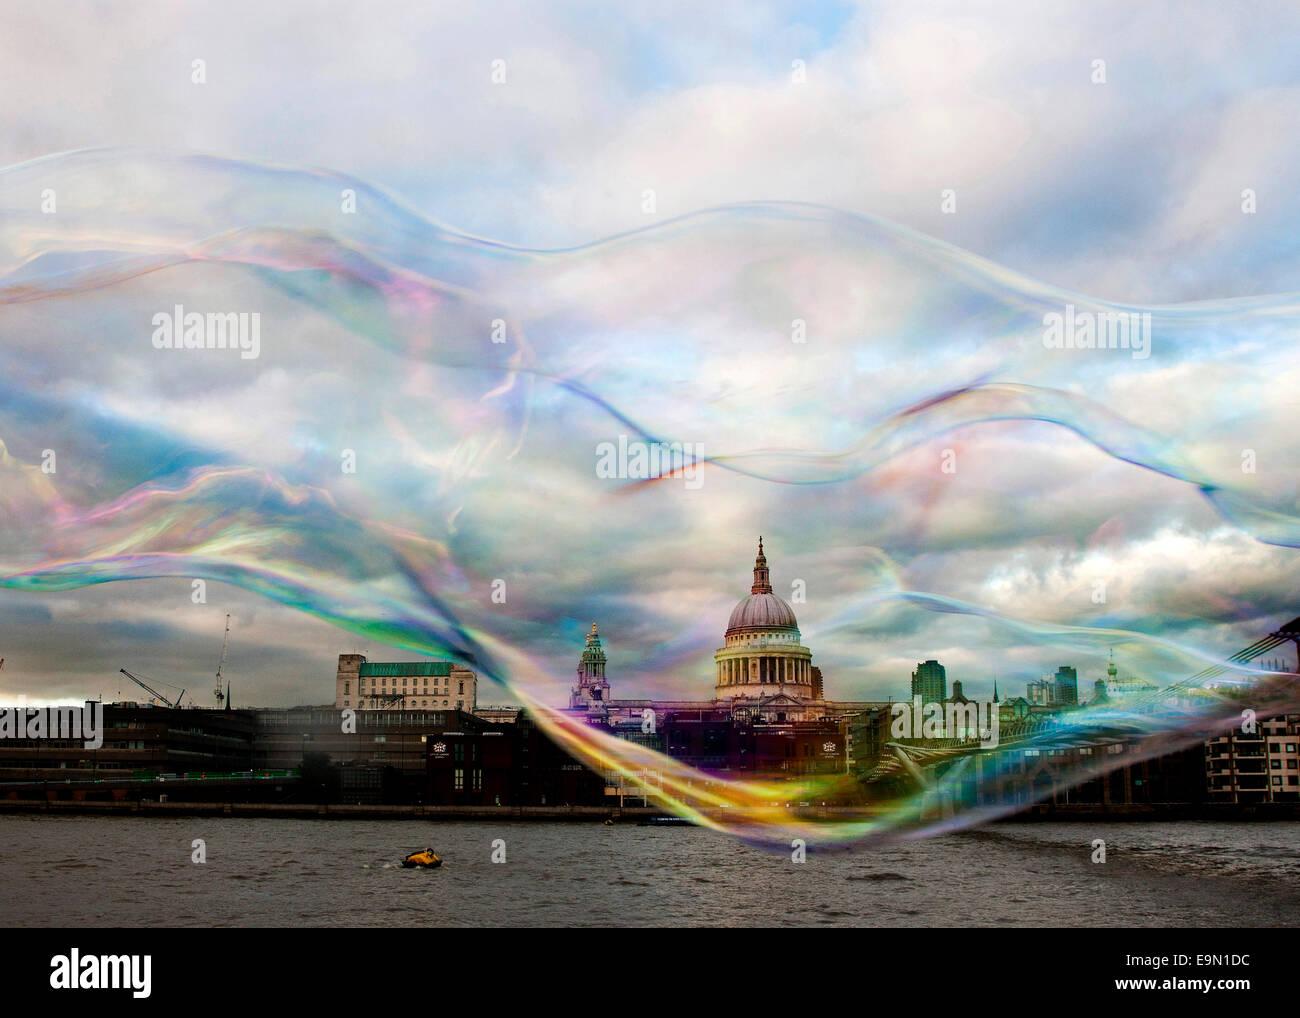 Una vista astratta della Cattedrale di San Paolo a Londra in una bolla di sapone Immagini Stock